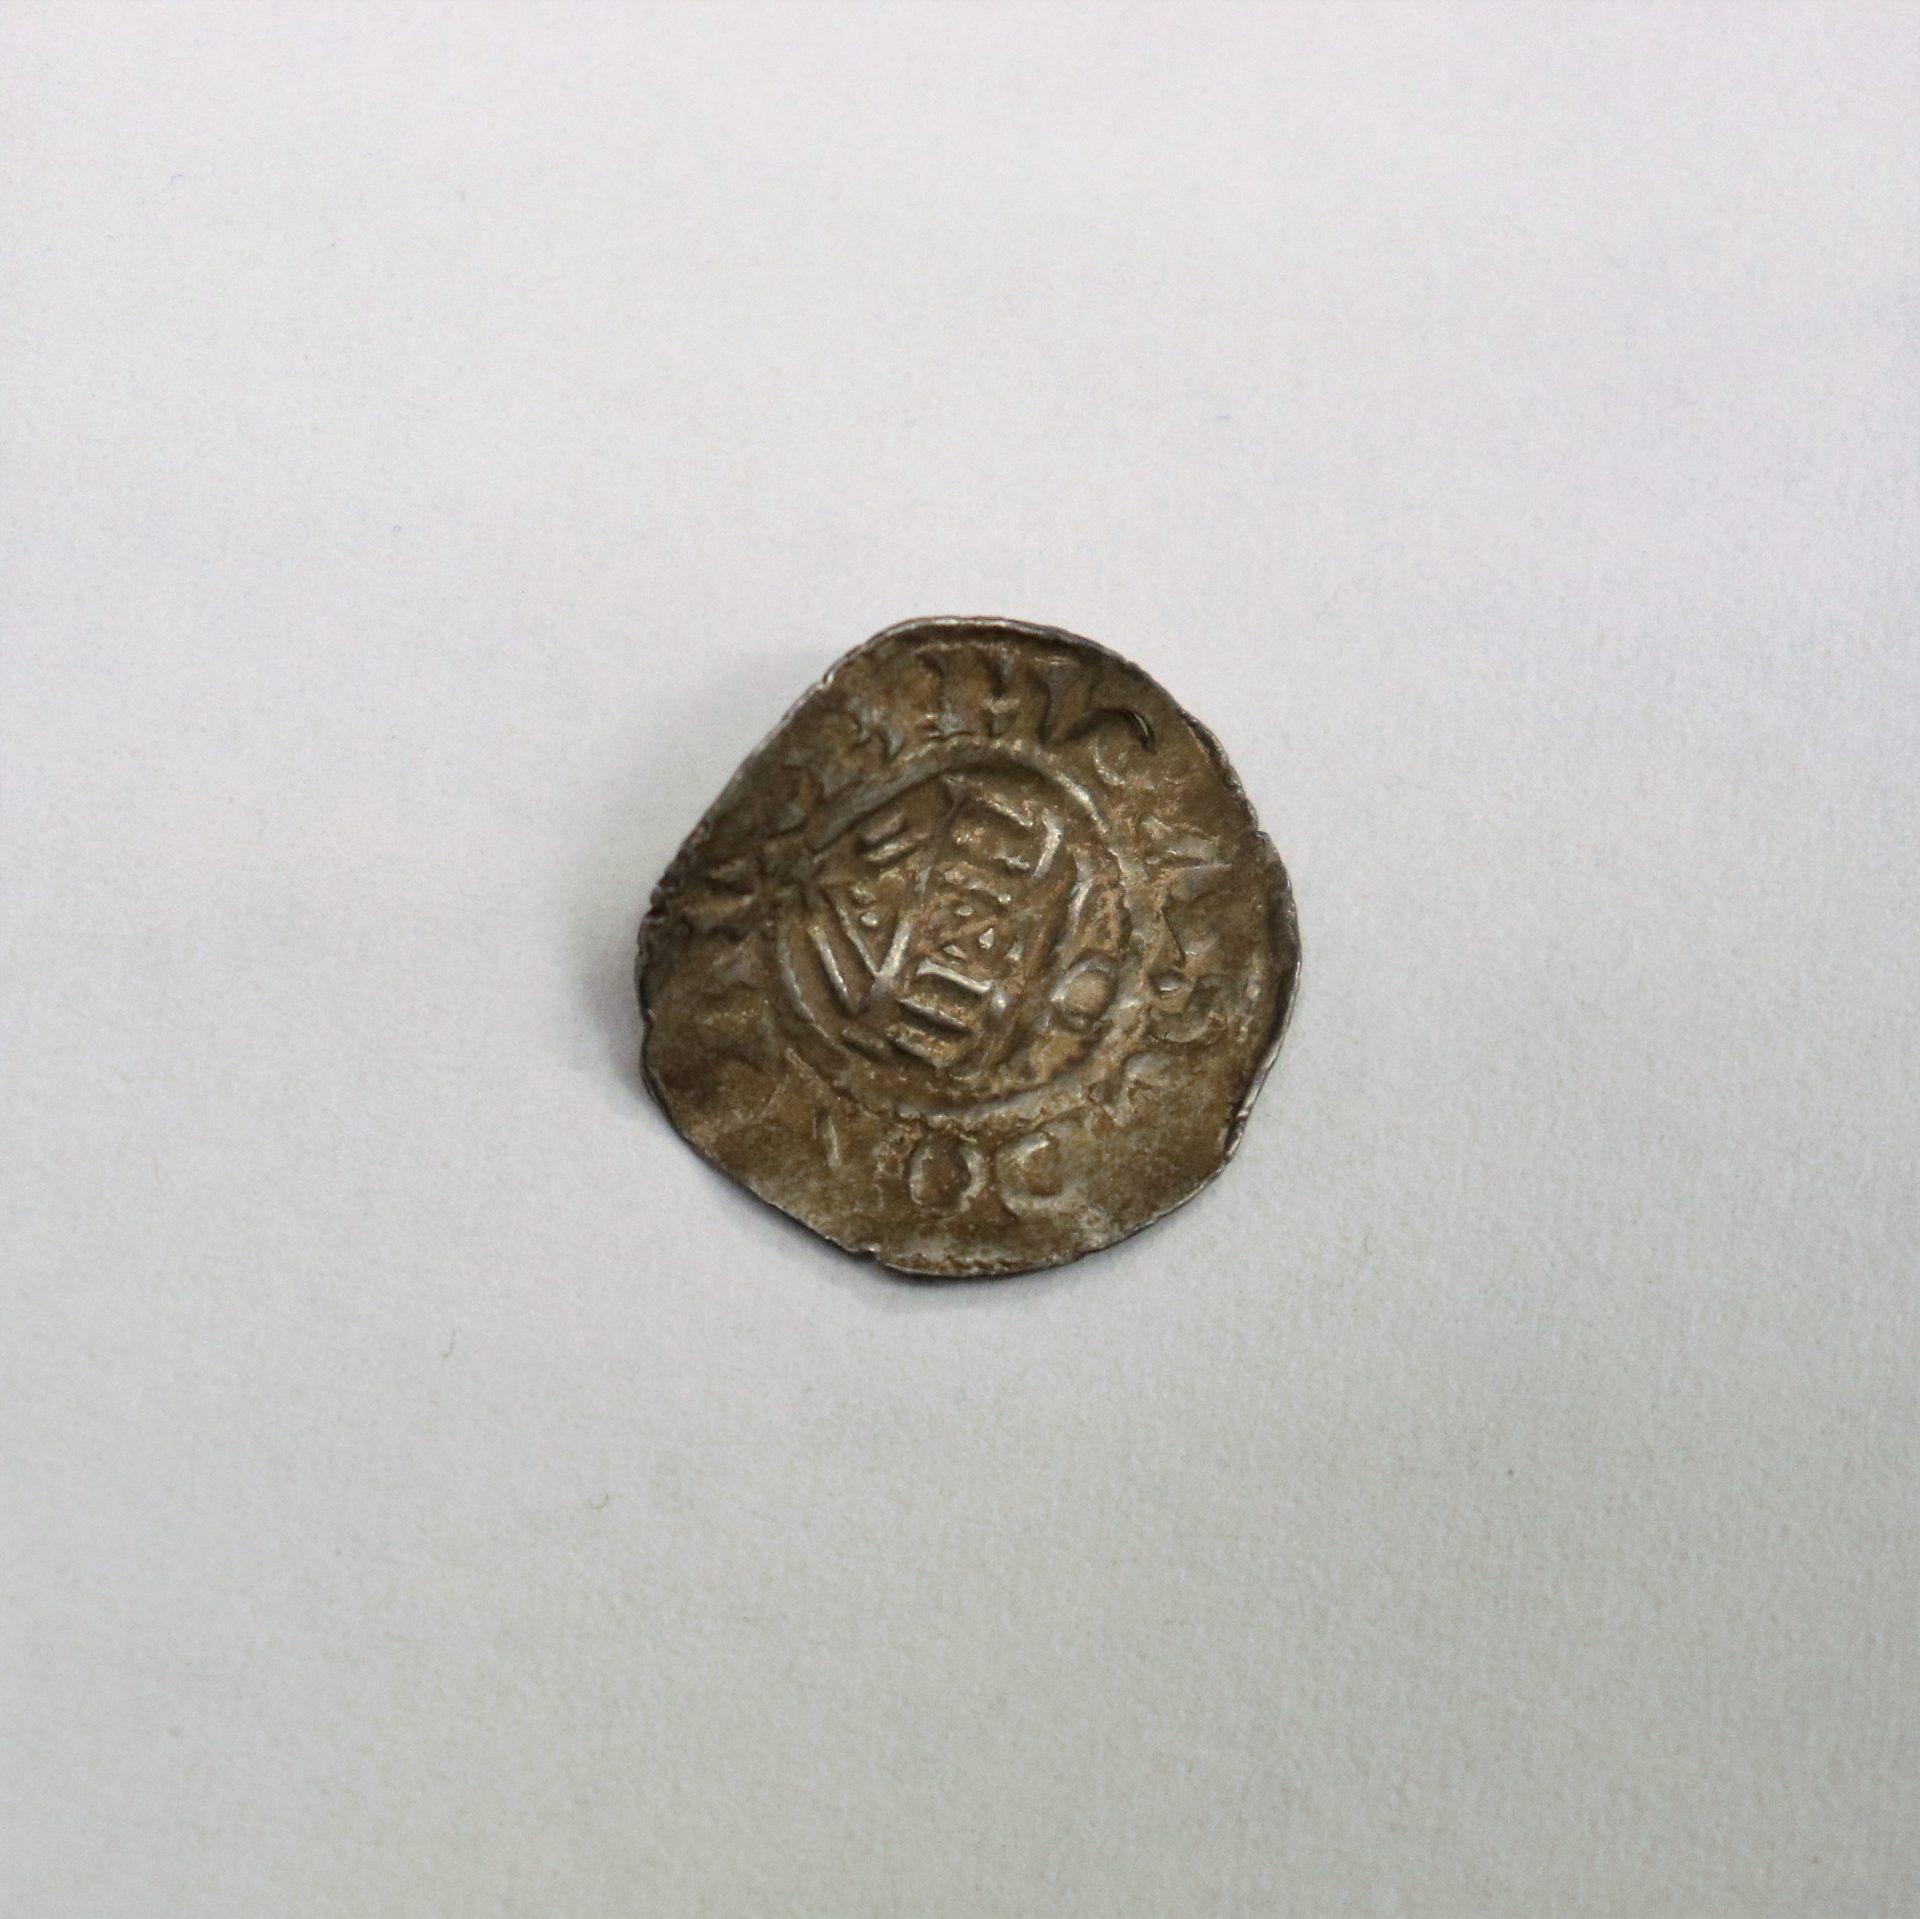 Buckligt mynt med missfärgningar.